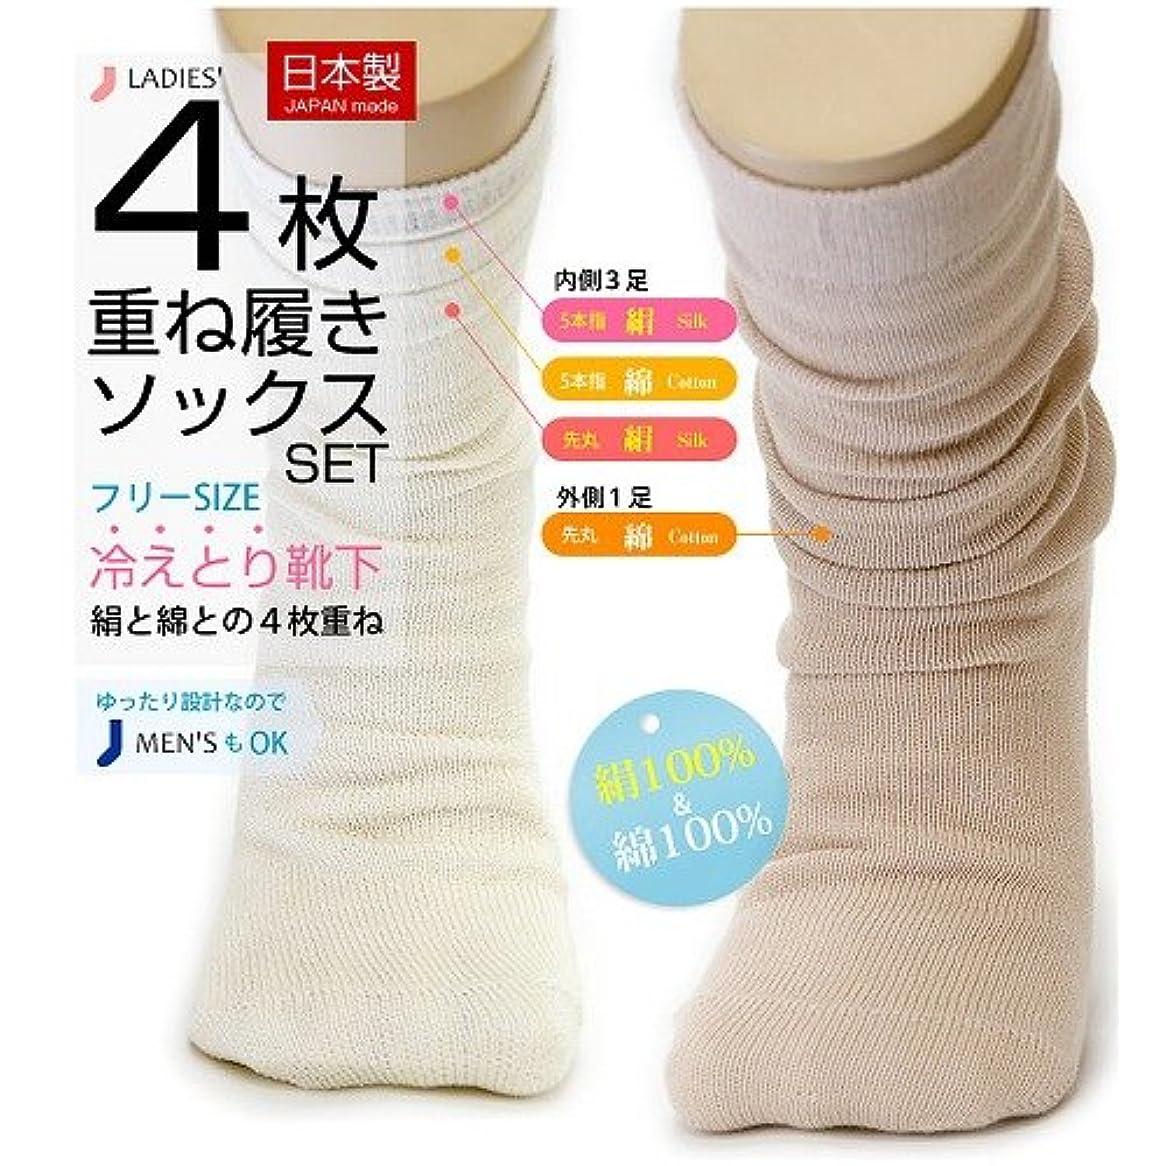 早く拮抗する激怒冷え取り靴下 綿100%とシルク100% 最高級の日本製 4枚重ねばきセット(外側ライトグレー)